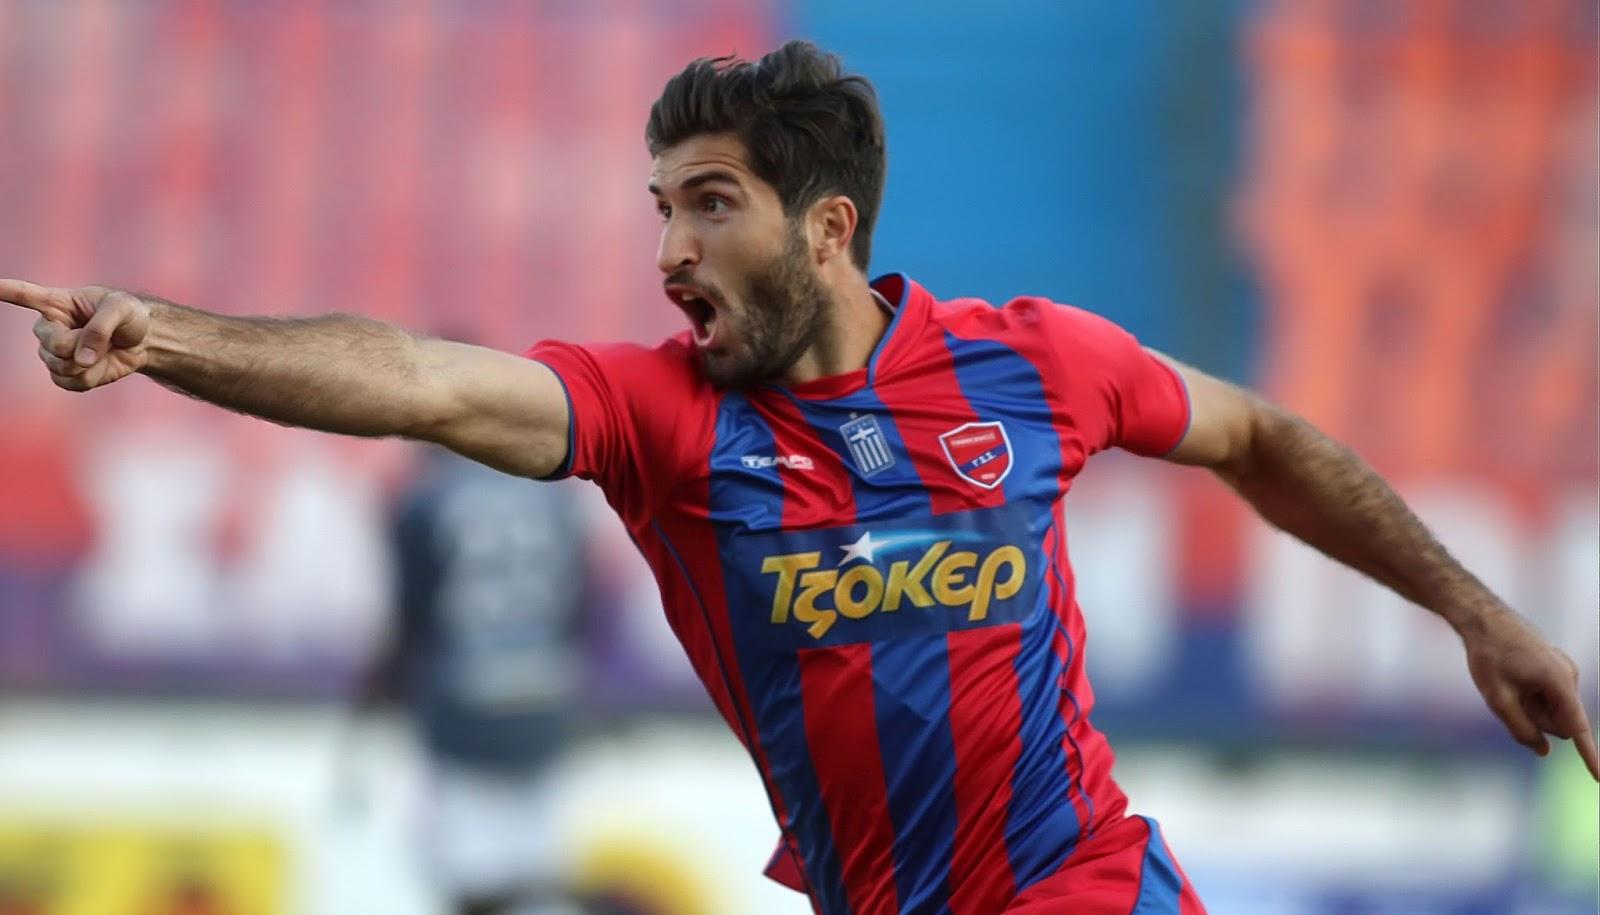 کریم انصاری فرد: ما بزرگترین باشگاه در یونان هستیم | خبرگزاری پارس فوتبال